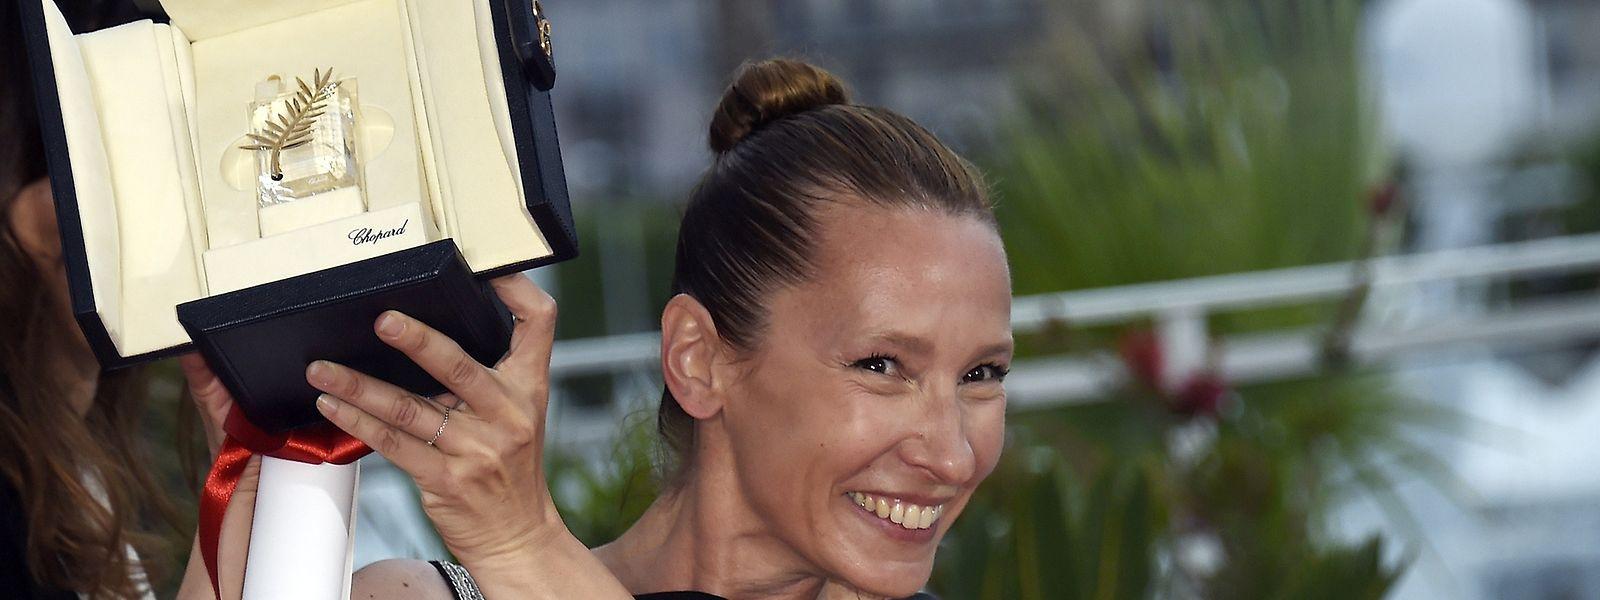 Die französische Schauspielerin Emmanuelle Bercot erhielt die Auszeichnung als beste Darstellerin.